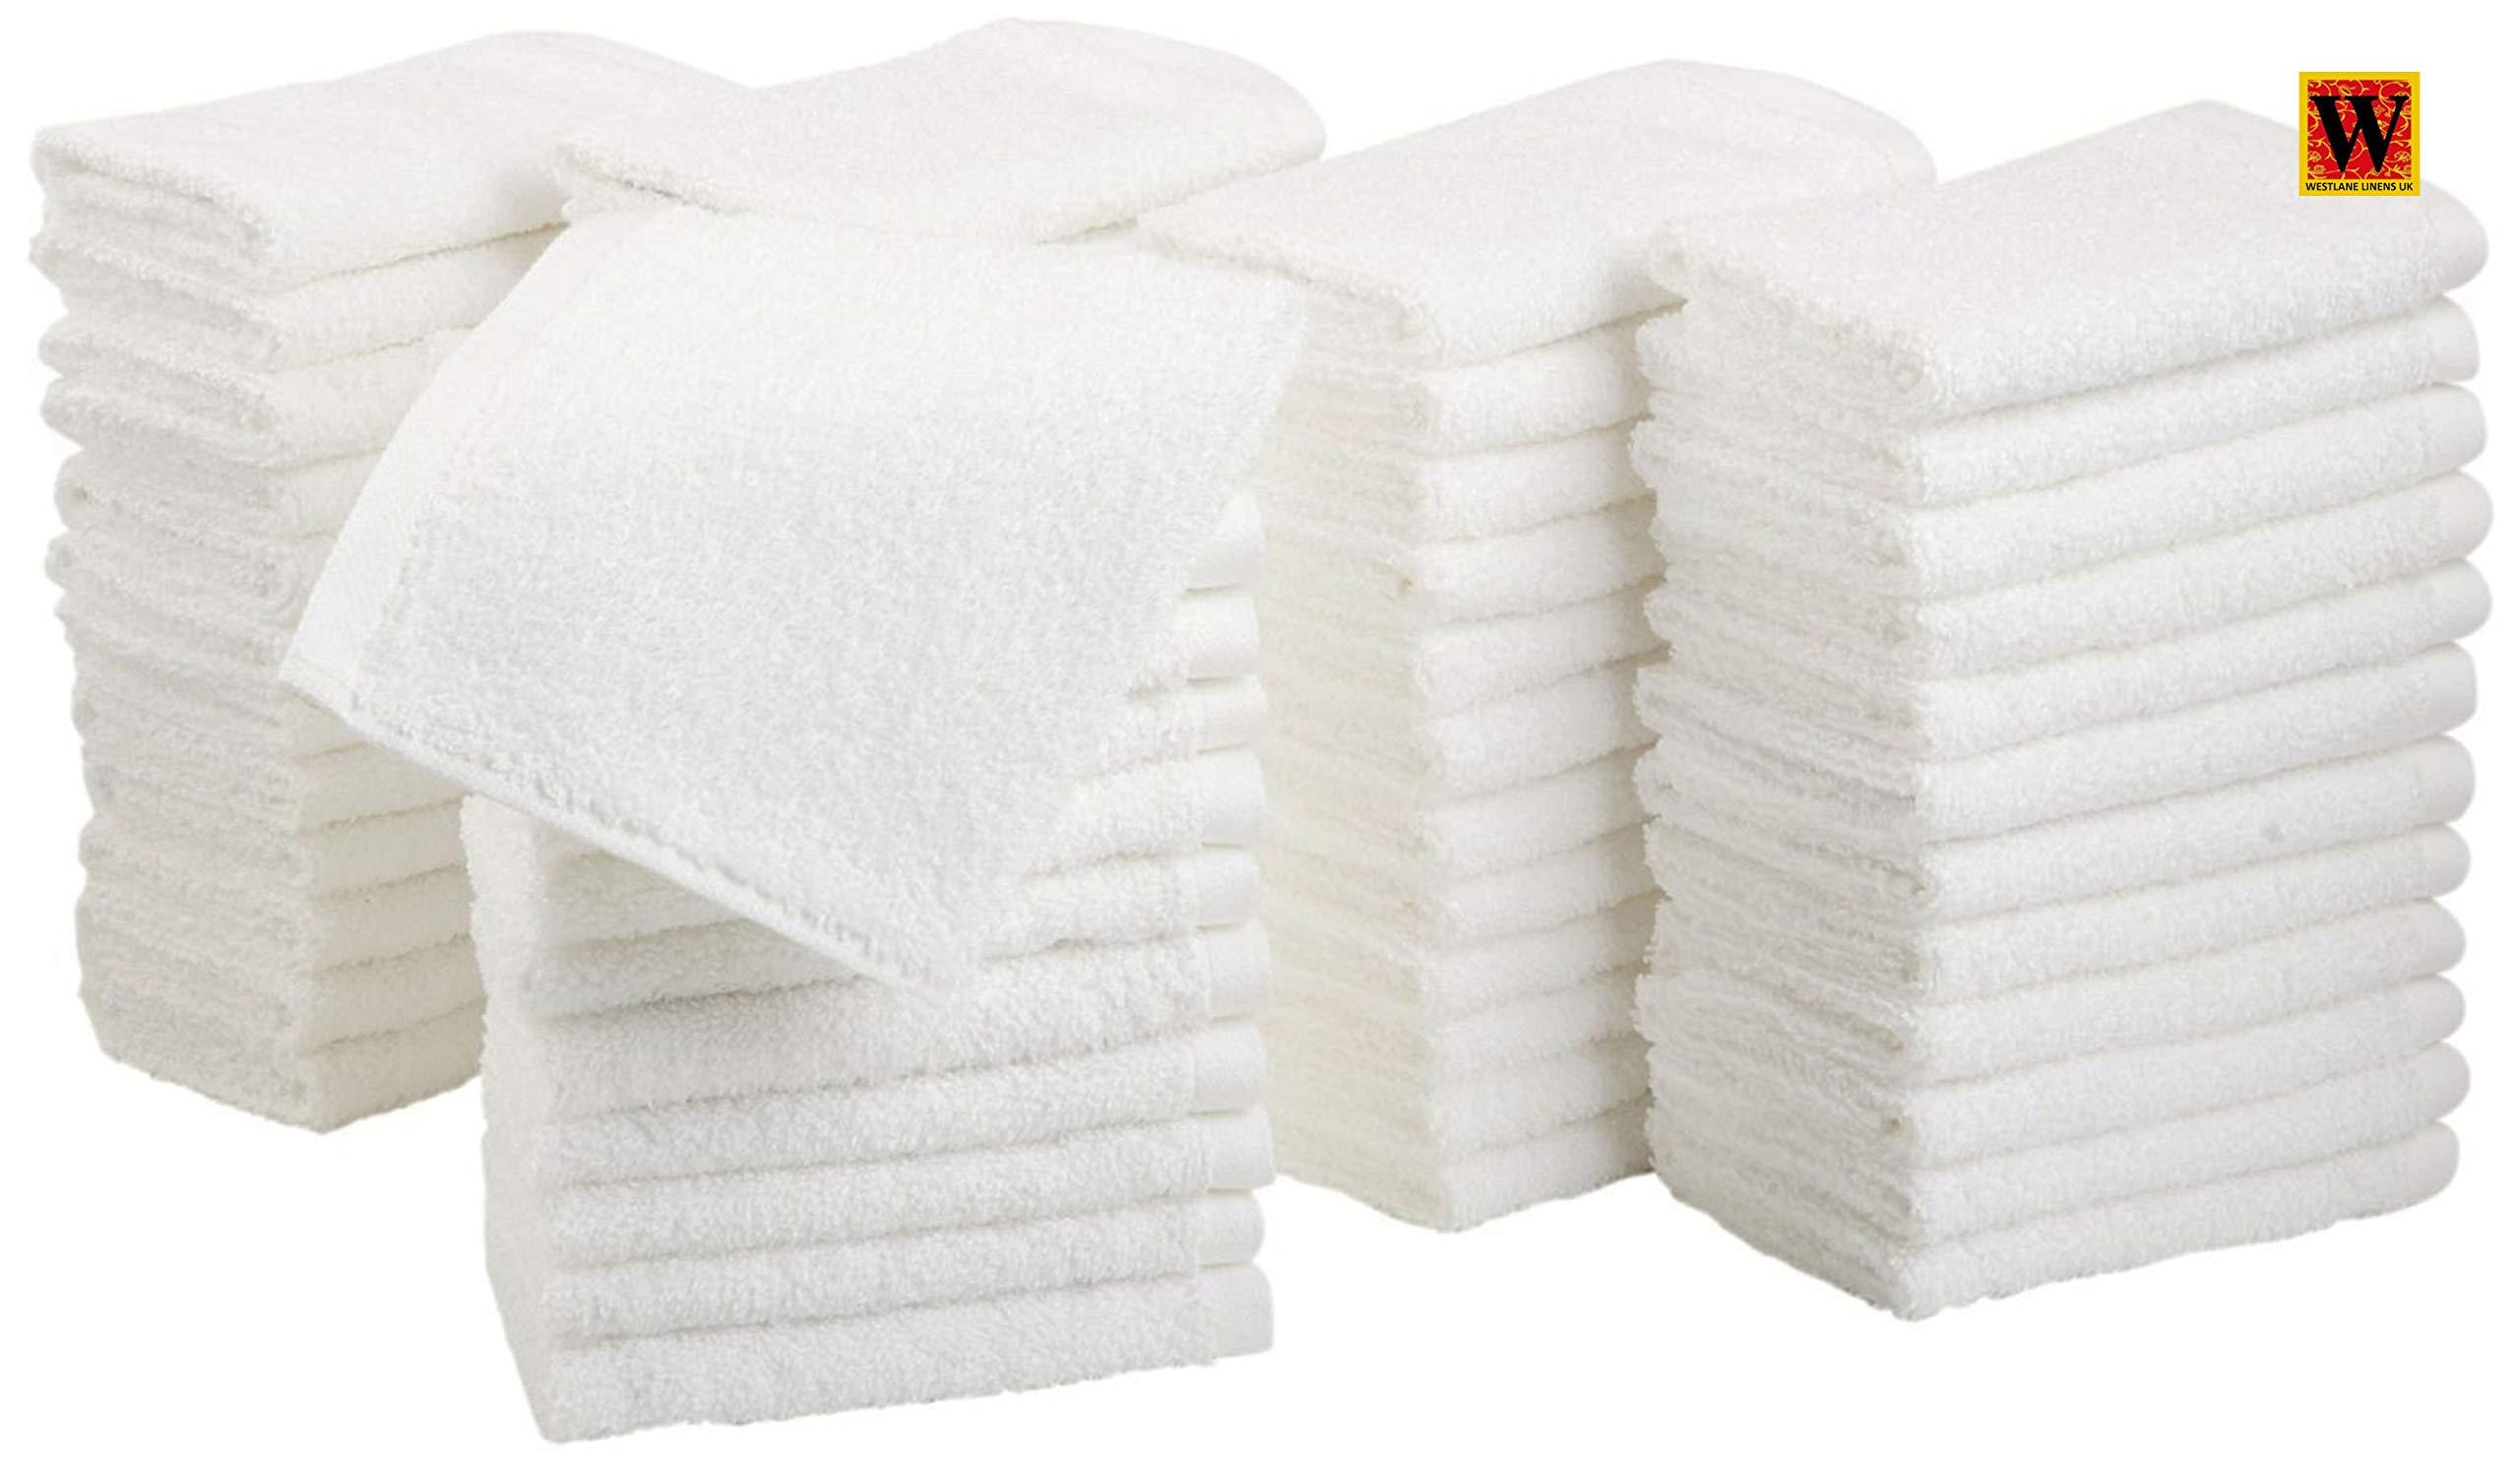 Westlane Linens - Paños de algodón 100% (12 – 500), franela y paños de limpieza supersuaves de hotel, color blanco, algodón, Blanco, 30x30cm: Amazon.es: Hogar